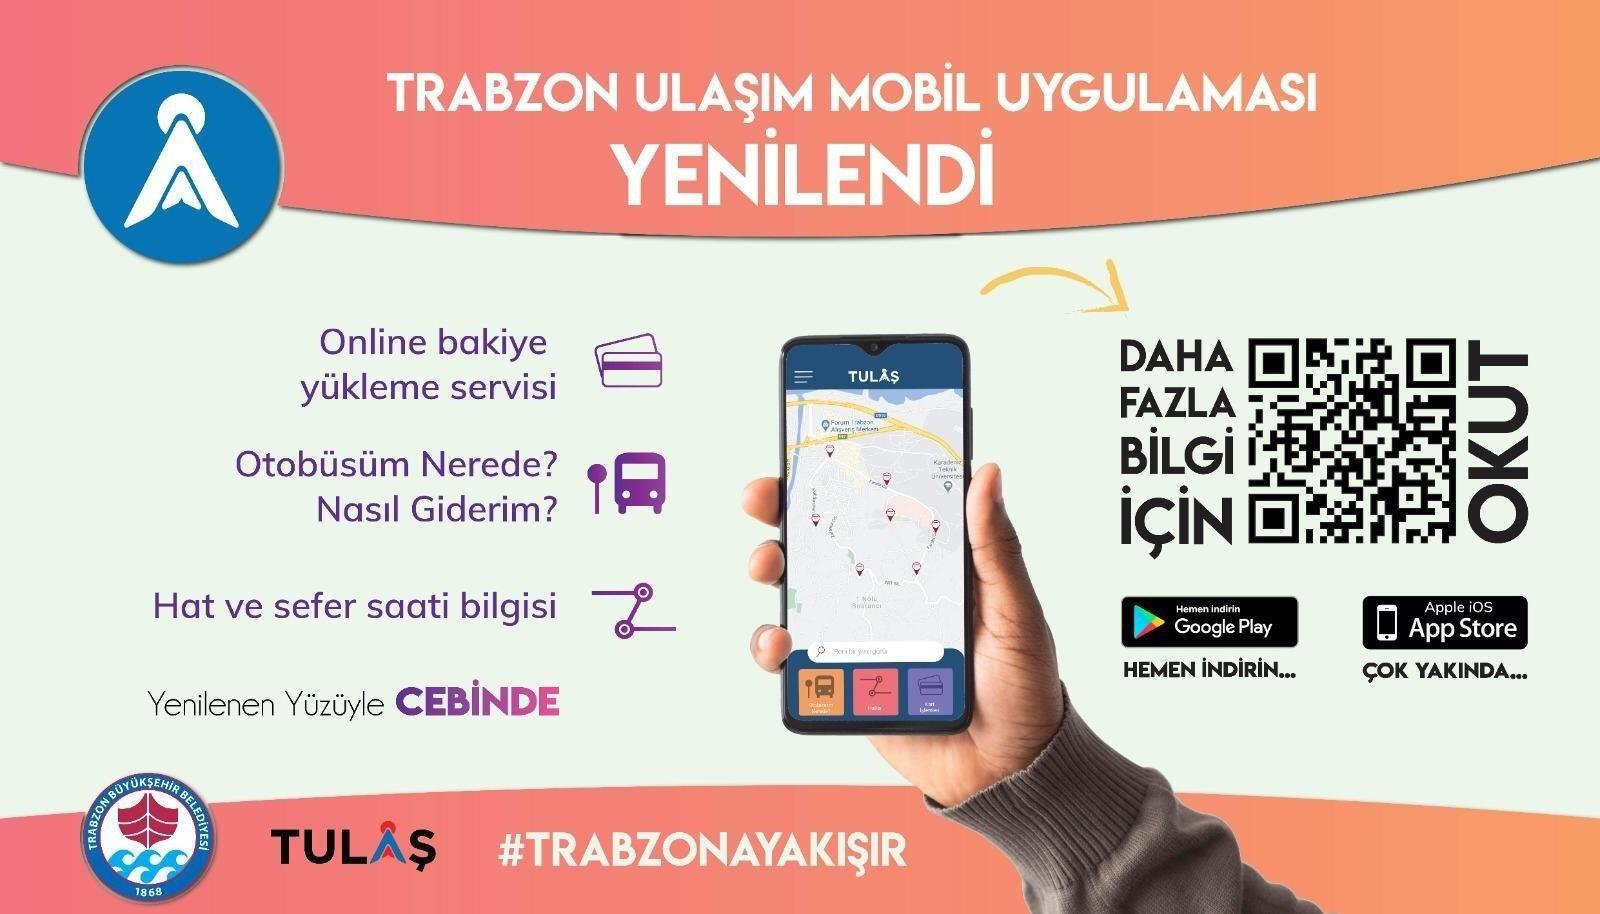 Trabzon'da ulaşım güncellenen mobil uygulama ile artık daha kolay!